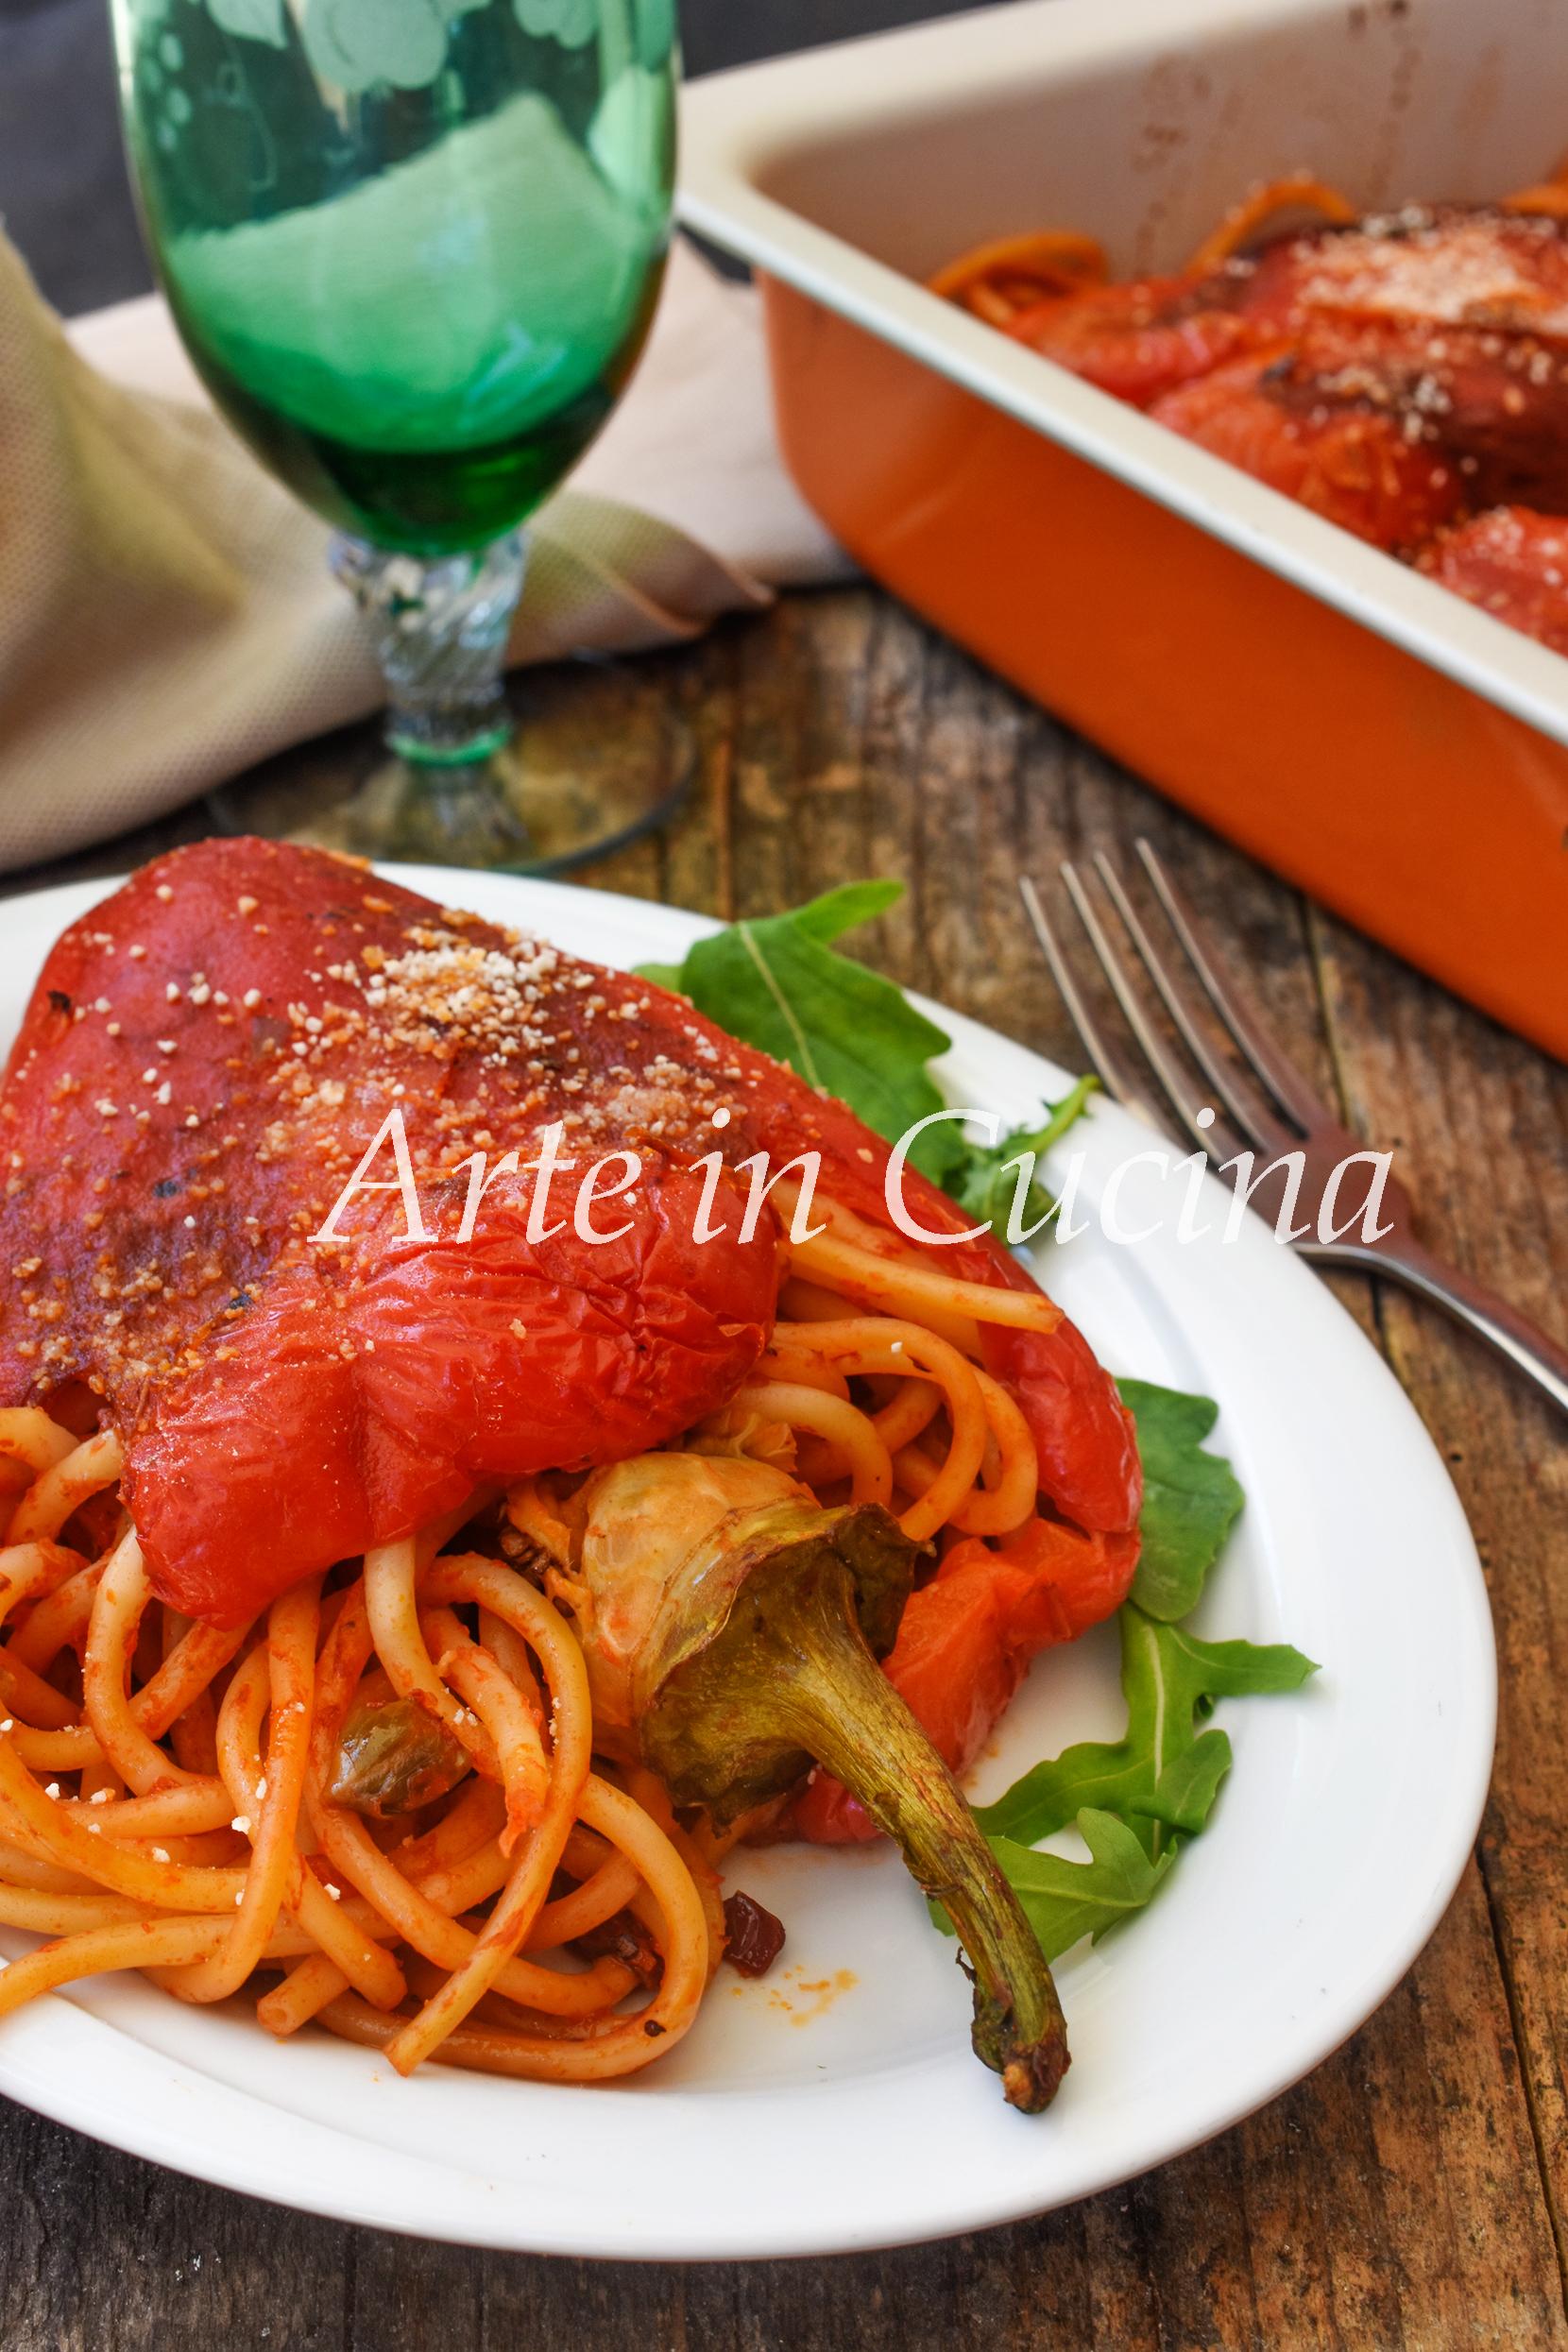 Peperoni ripieni di spaghetti capperi e olive ricetta facile da preparare vickyart arte in cucina